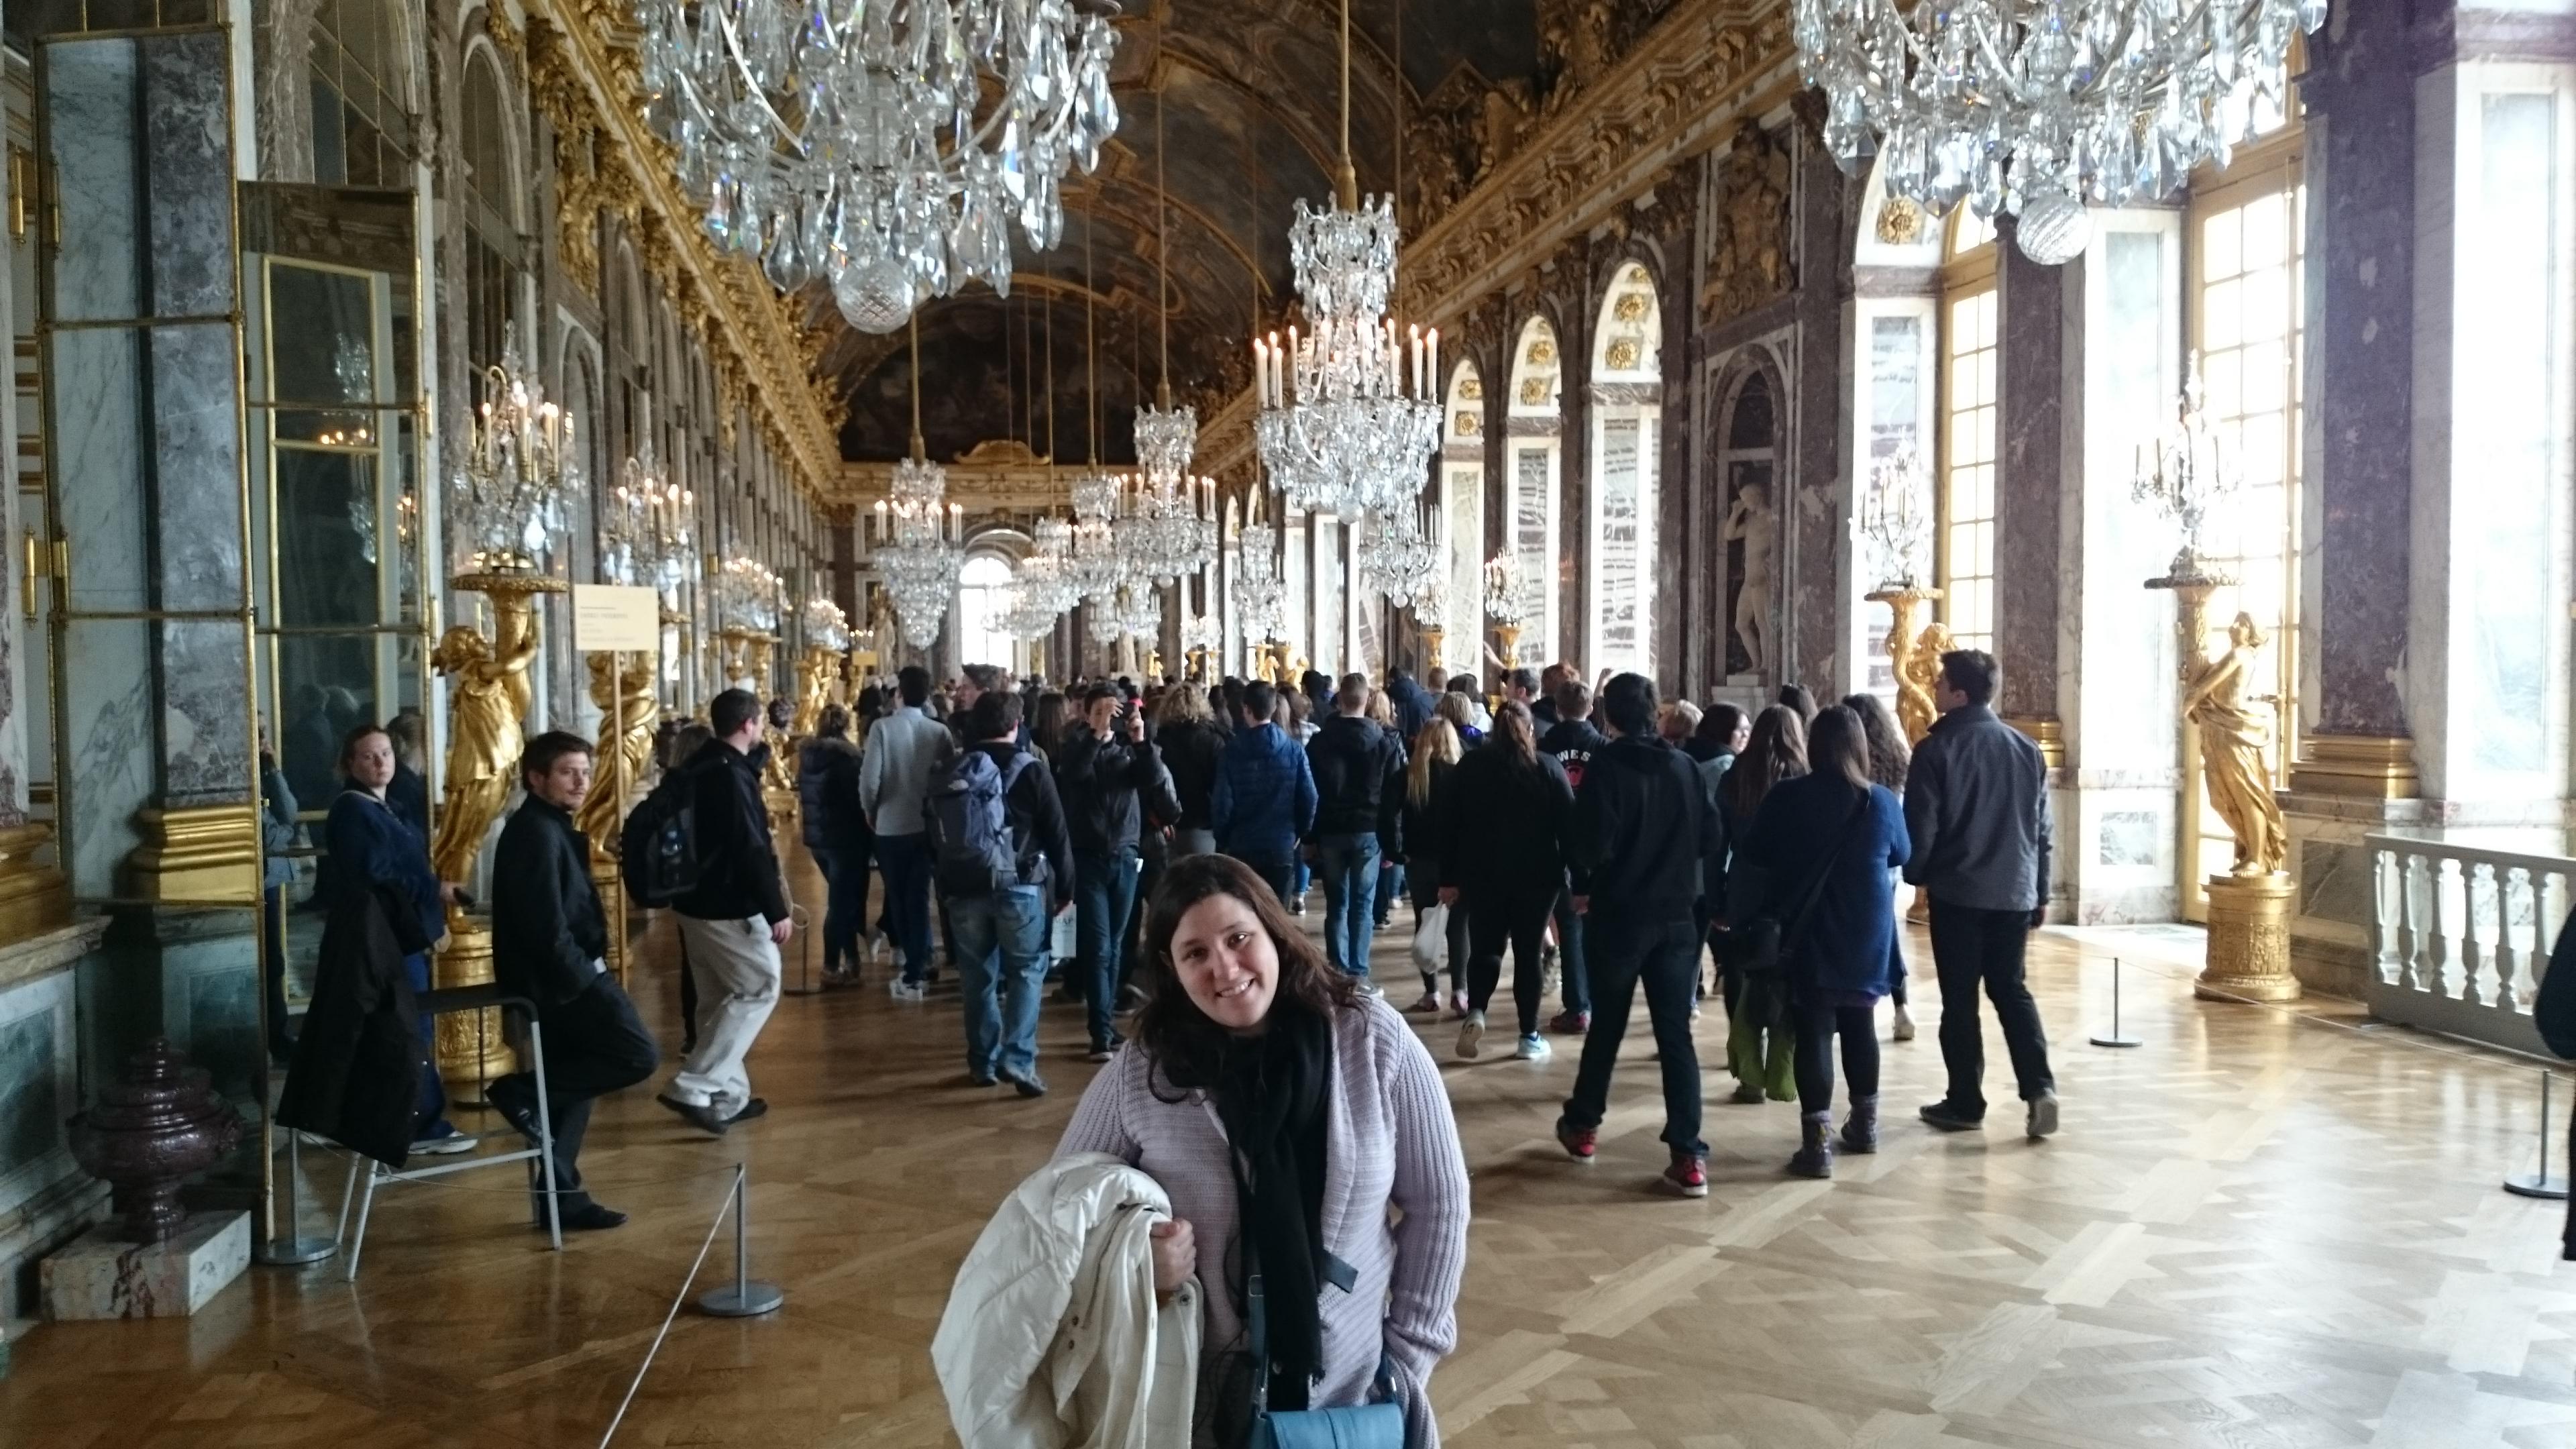 dsc 13761 - Visita al Palacio de Versalles: Como ir, cuanto cuesta y tips III/III